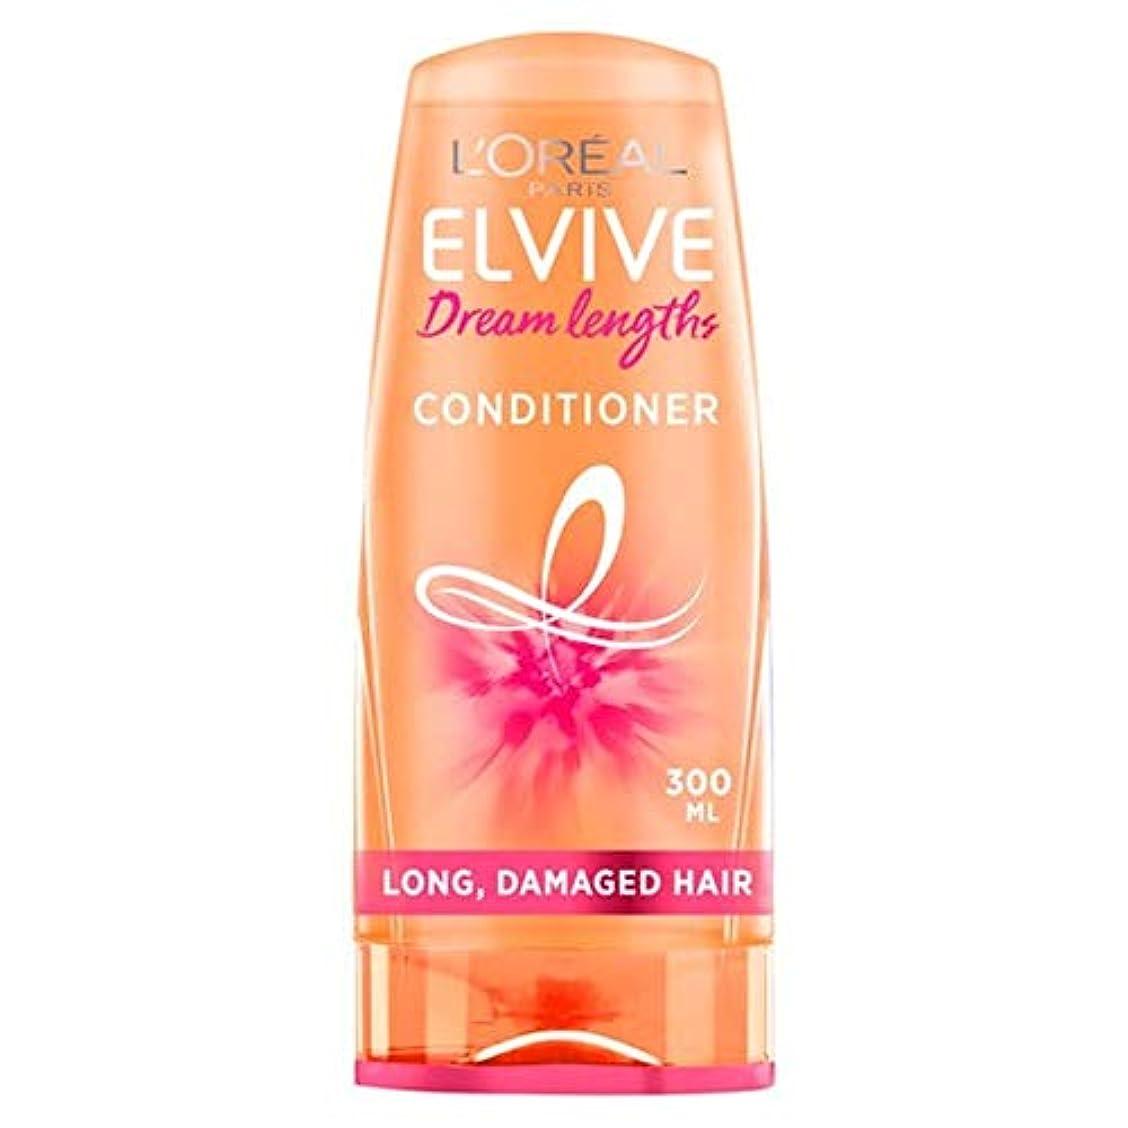 学ぶにじみ出る置換[Elvive] ロレアルはElvive長ヘアコンディショナー300ミリリットルの夢 - L'oreal Elvive Dream Lengths Hair Conditioner 300Ml [並行輸入品]